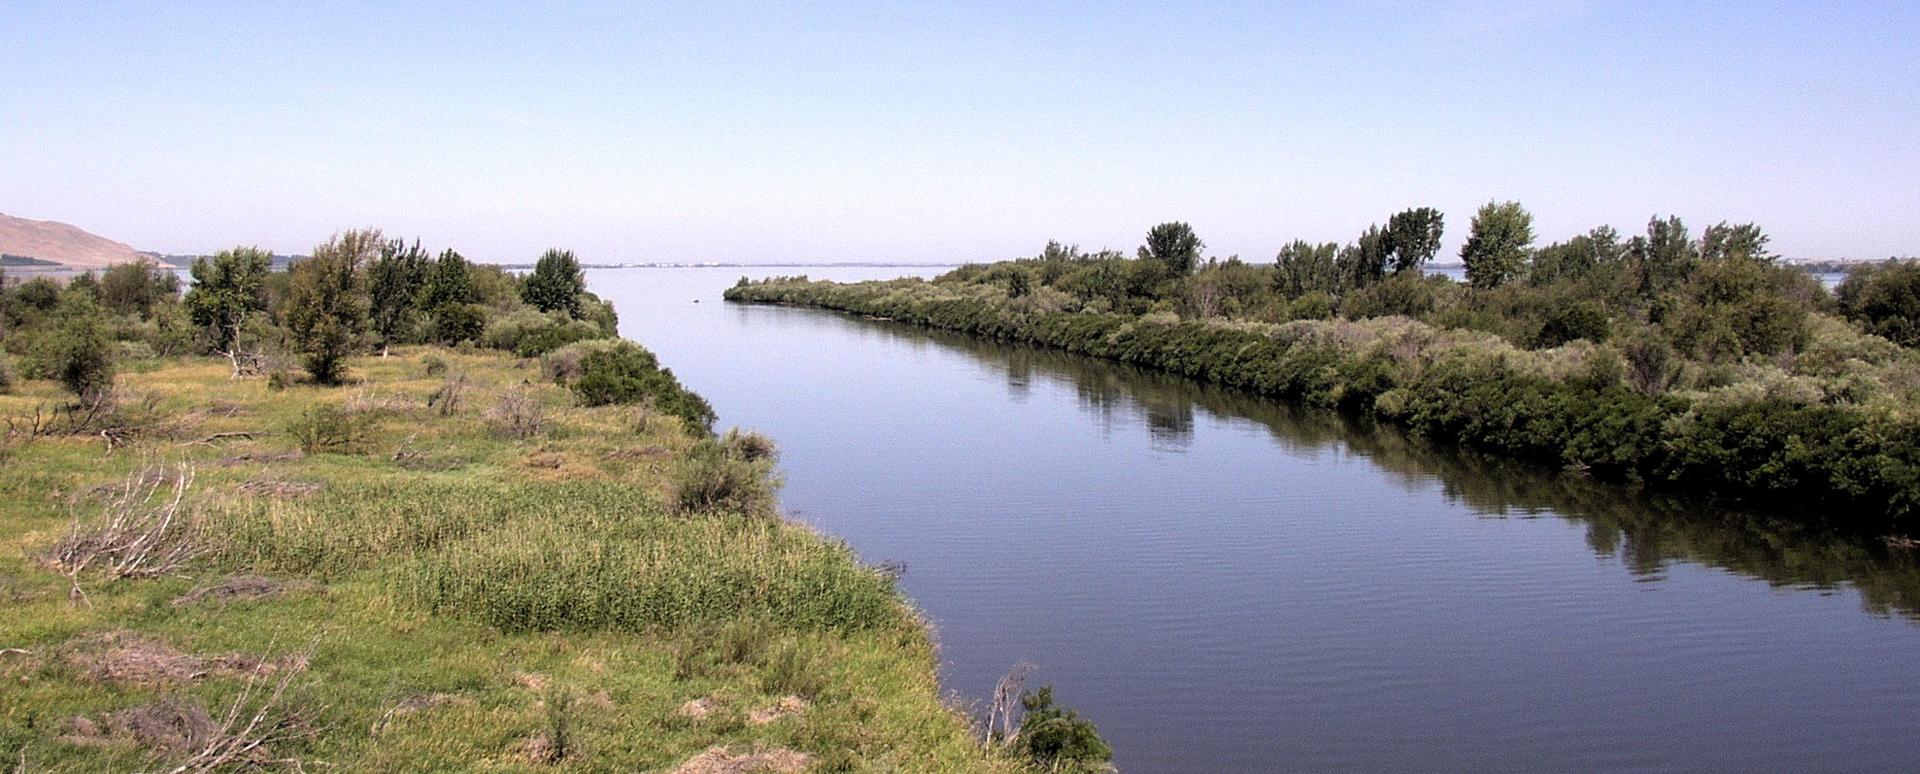 milton-freewater | Bisnett Insurance